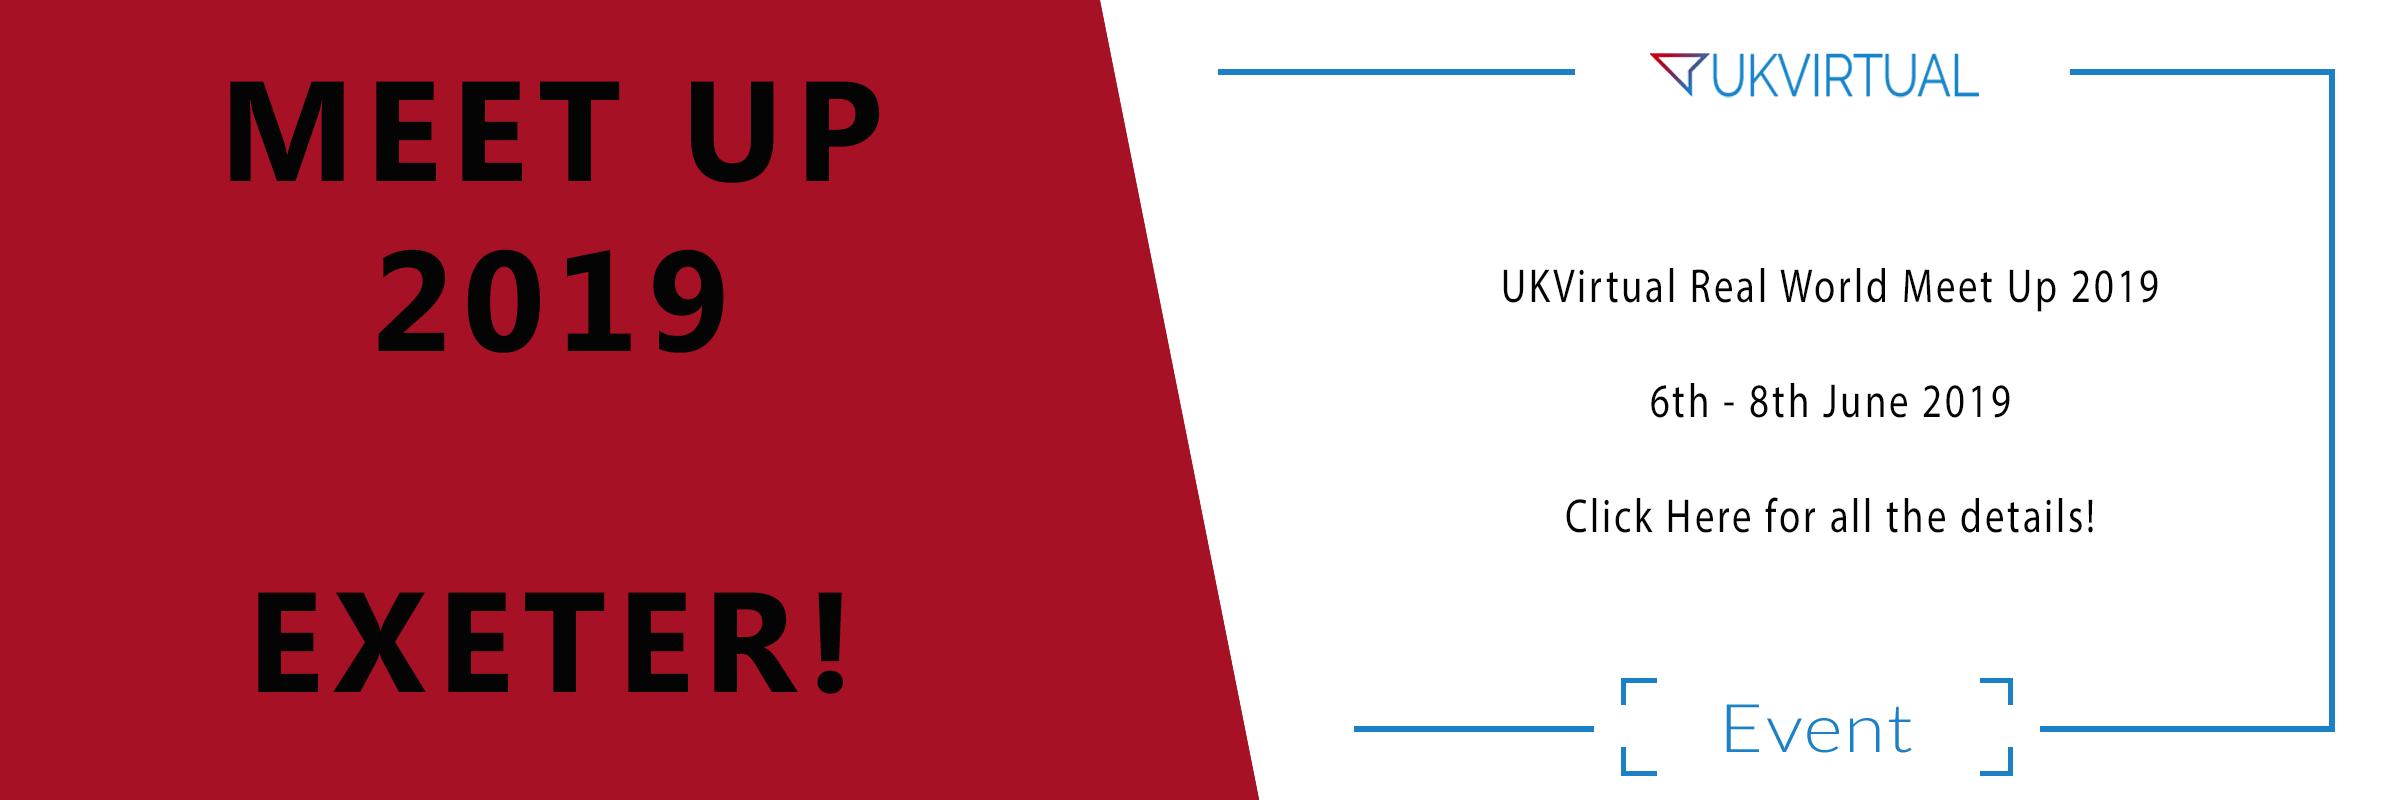 UKVirtual Real World Meet up 2019!